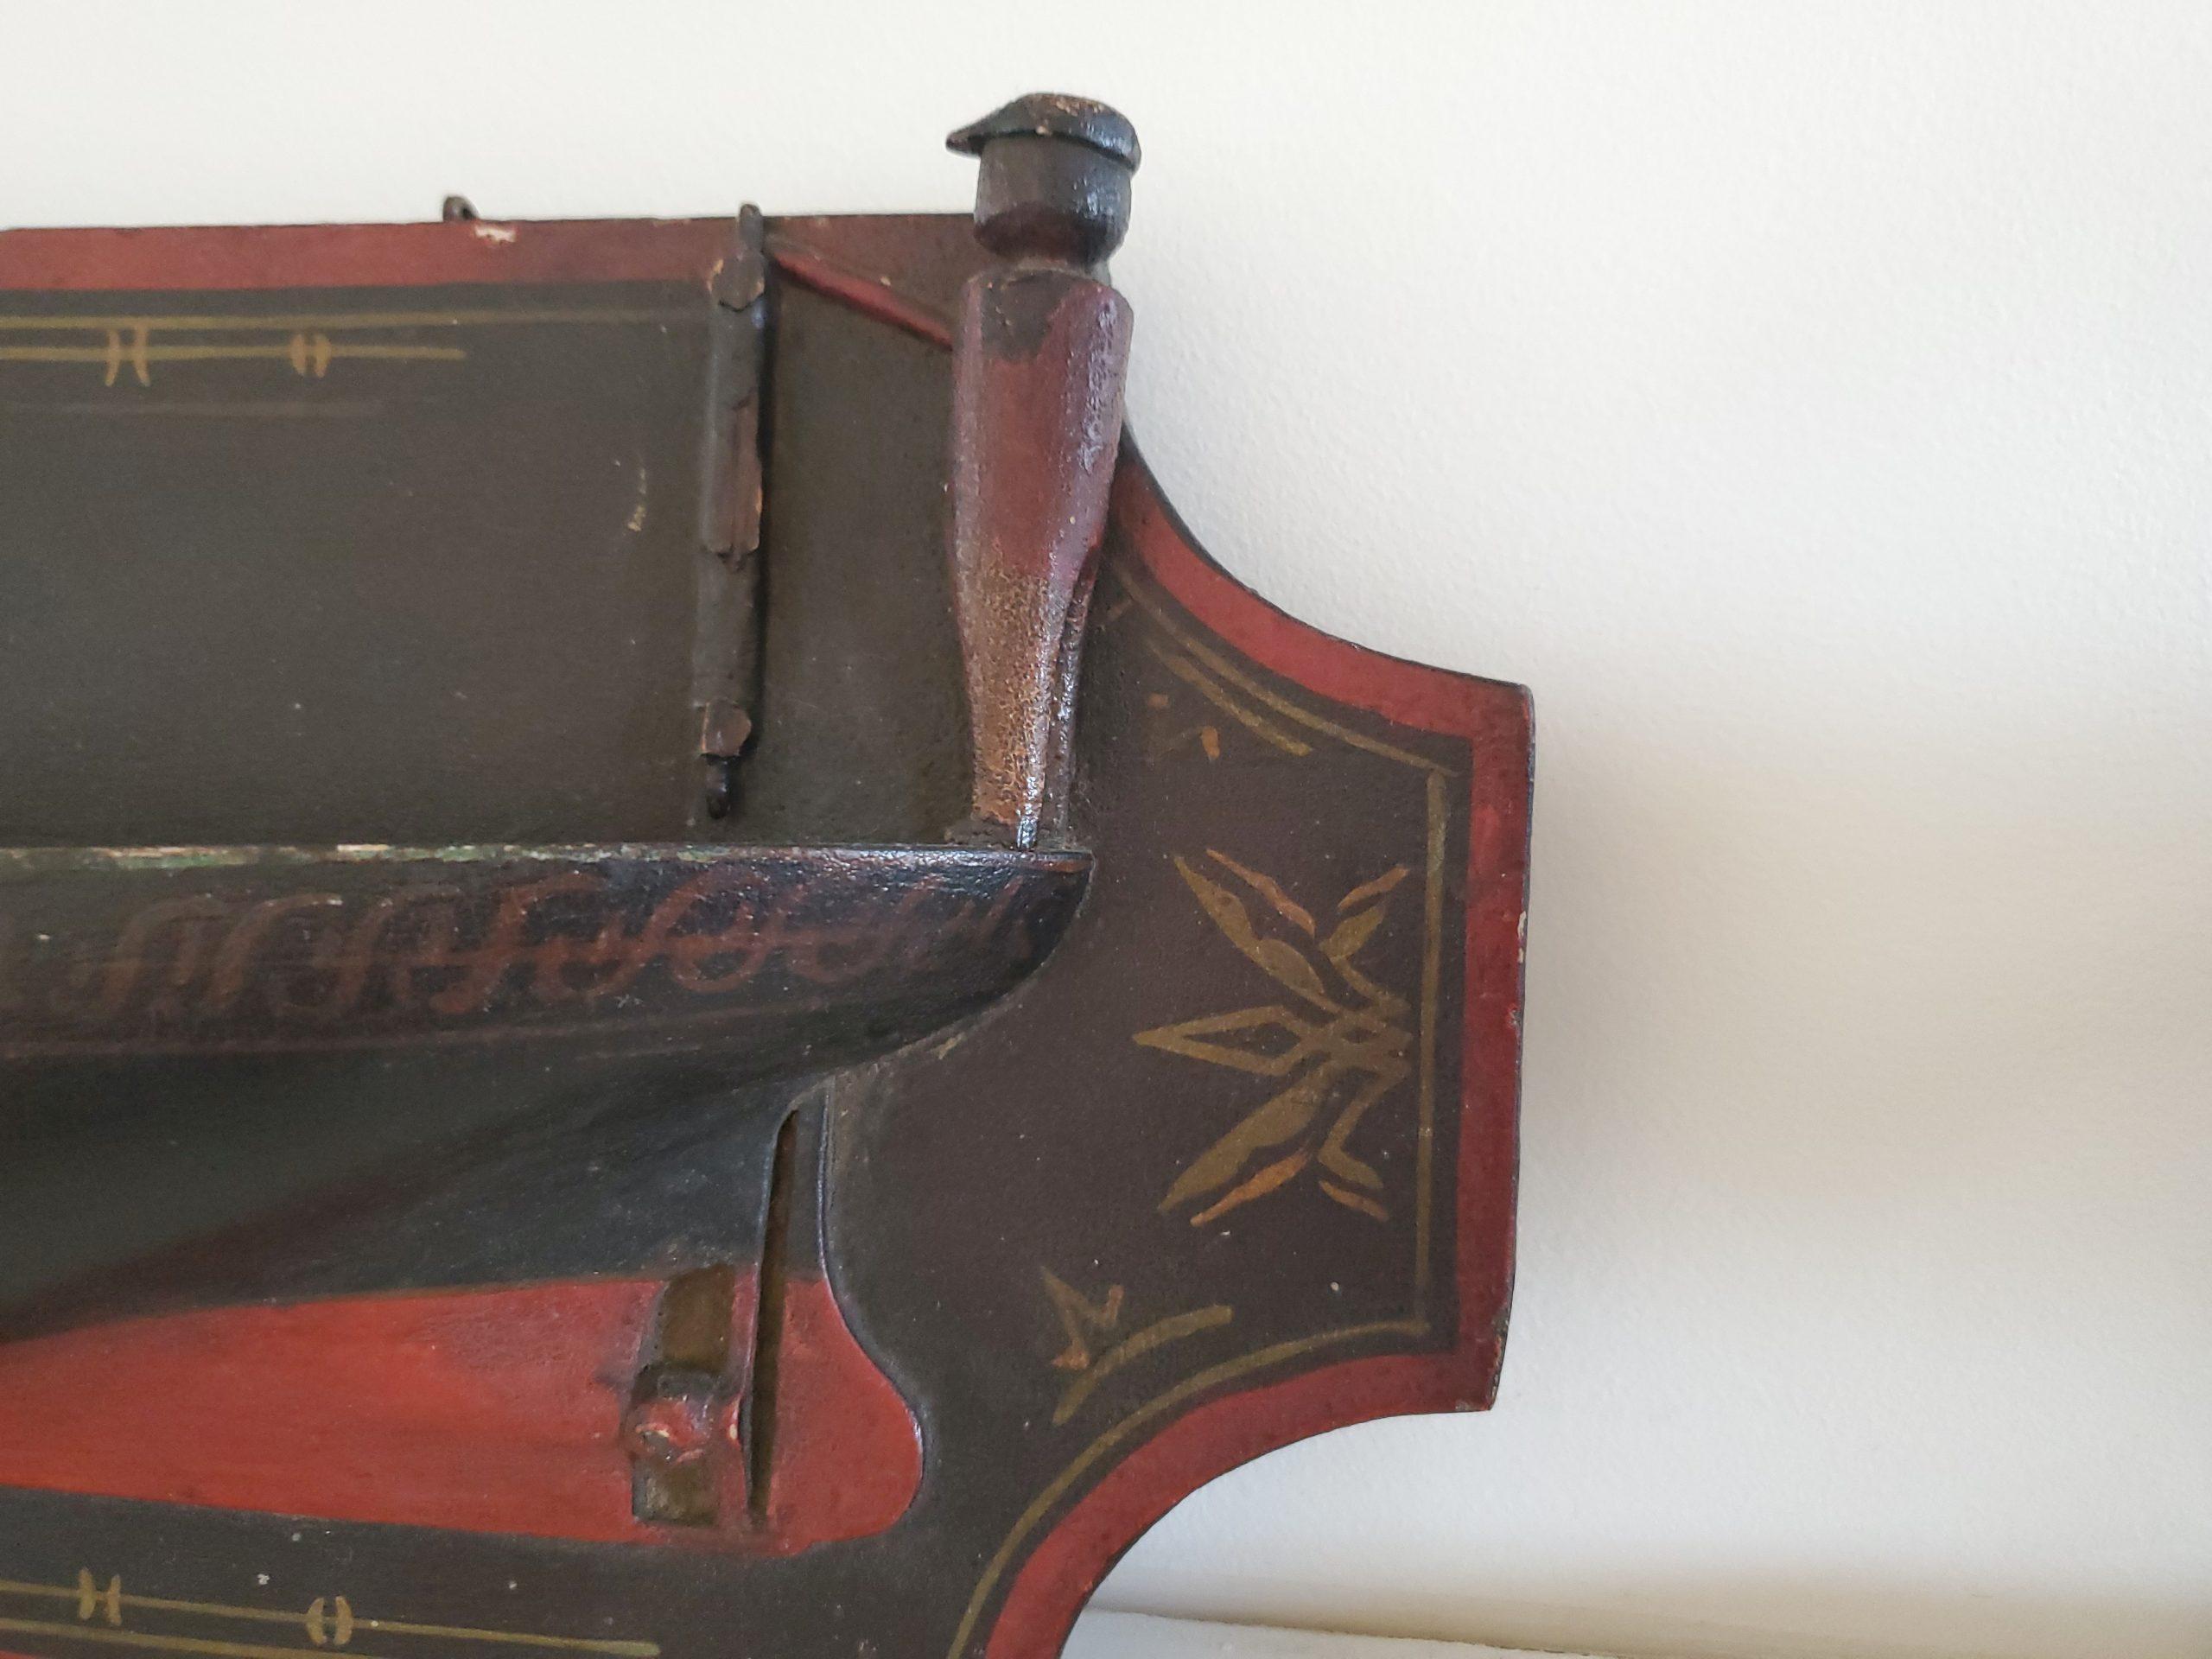 close up of ship design